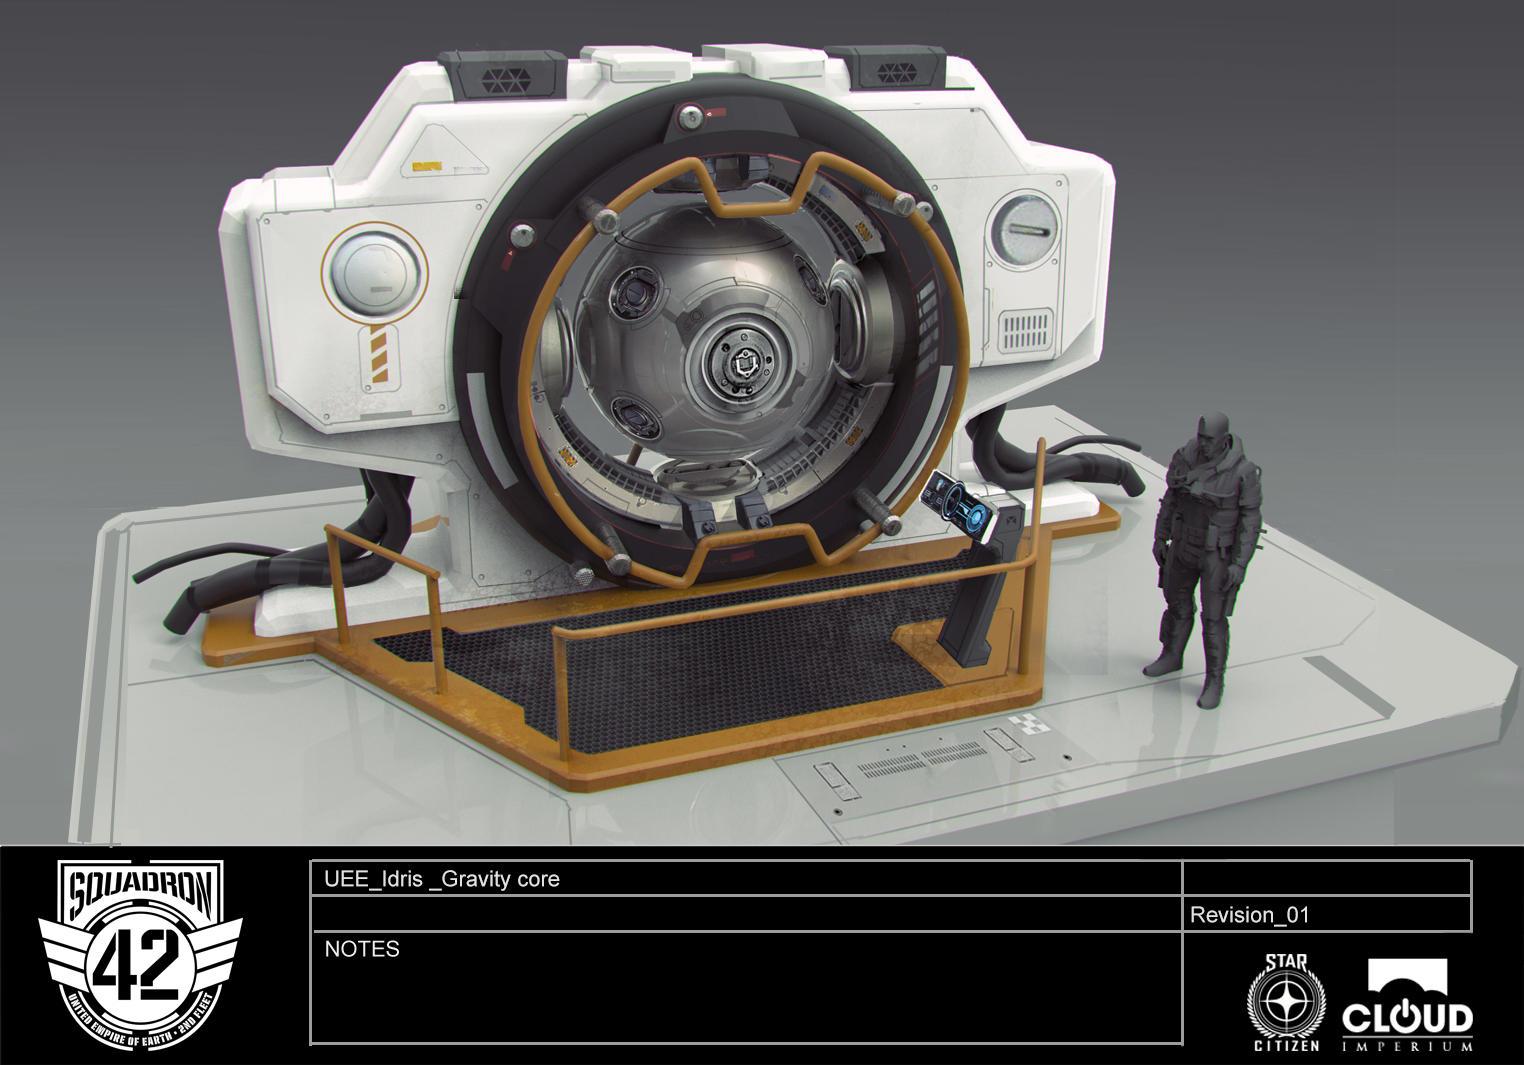 Idris Gravity core